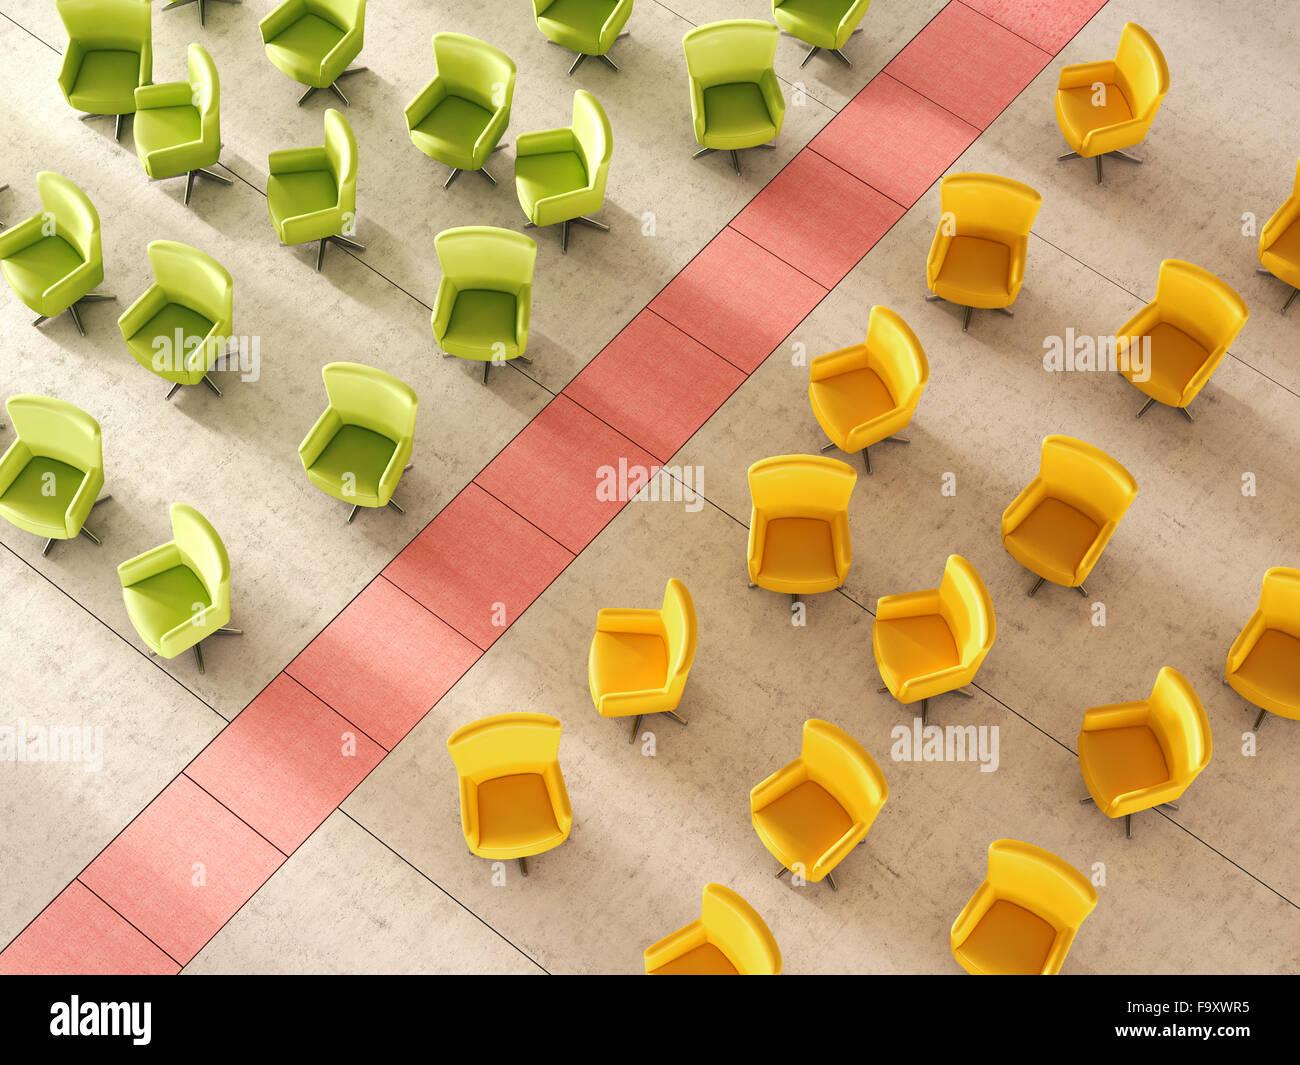 Le Rendu 3D, président verts et jaunes séparés par la ligne rouge Photo Stock